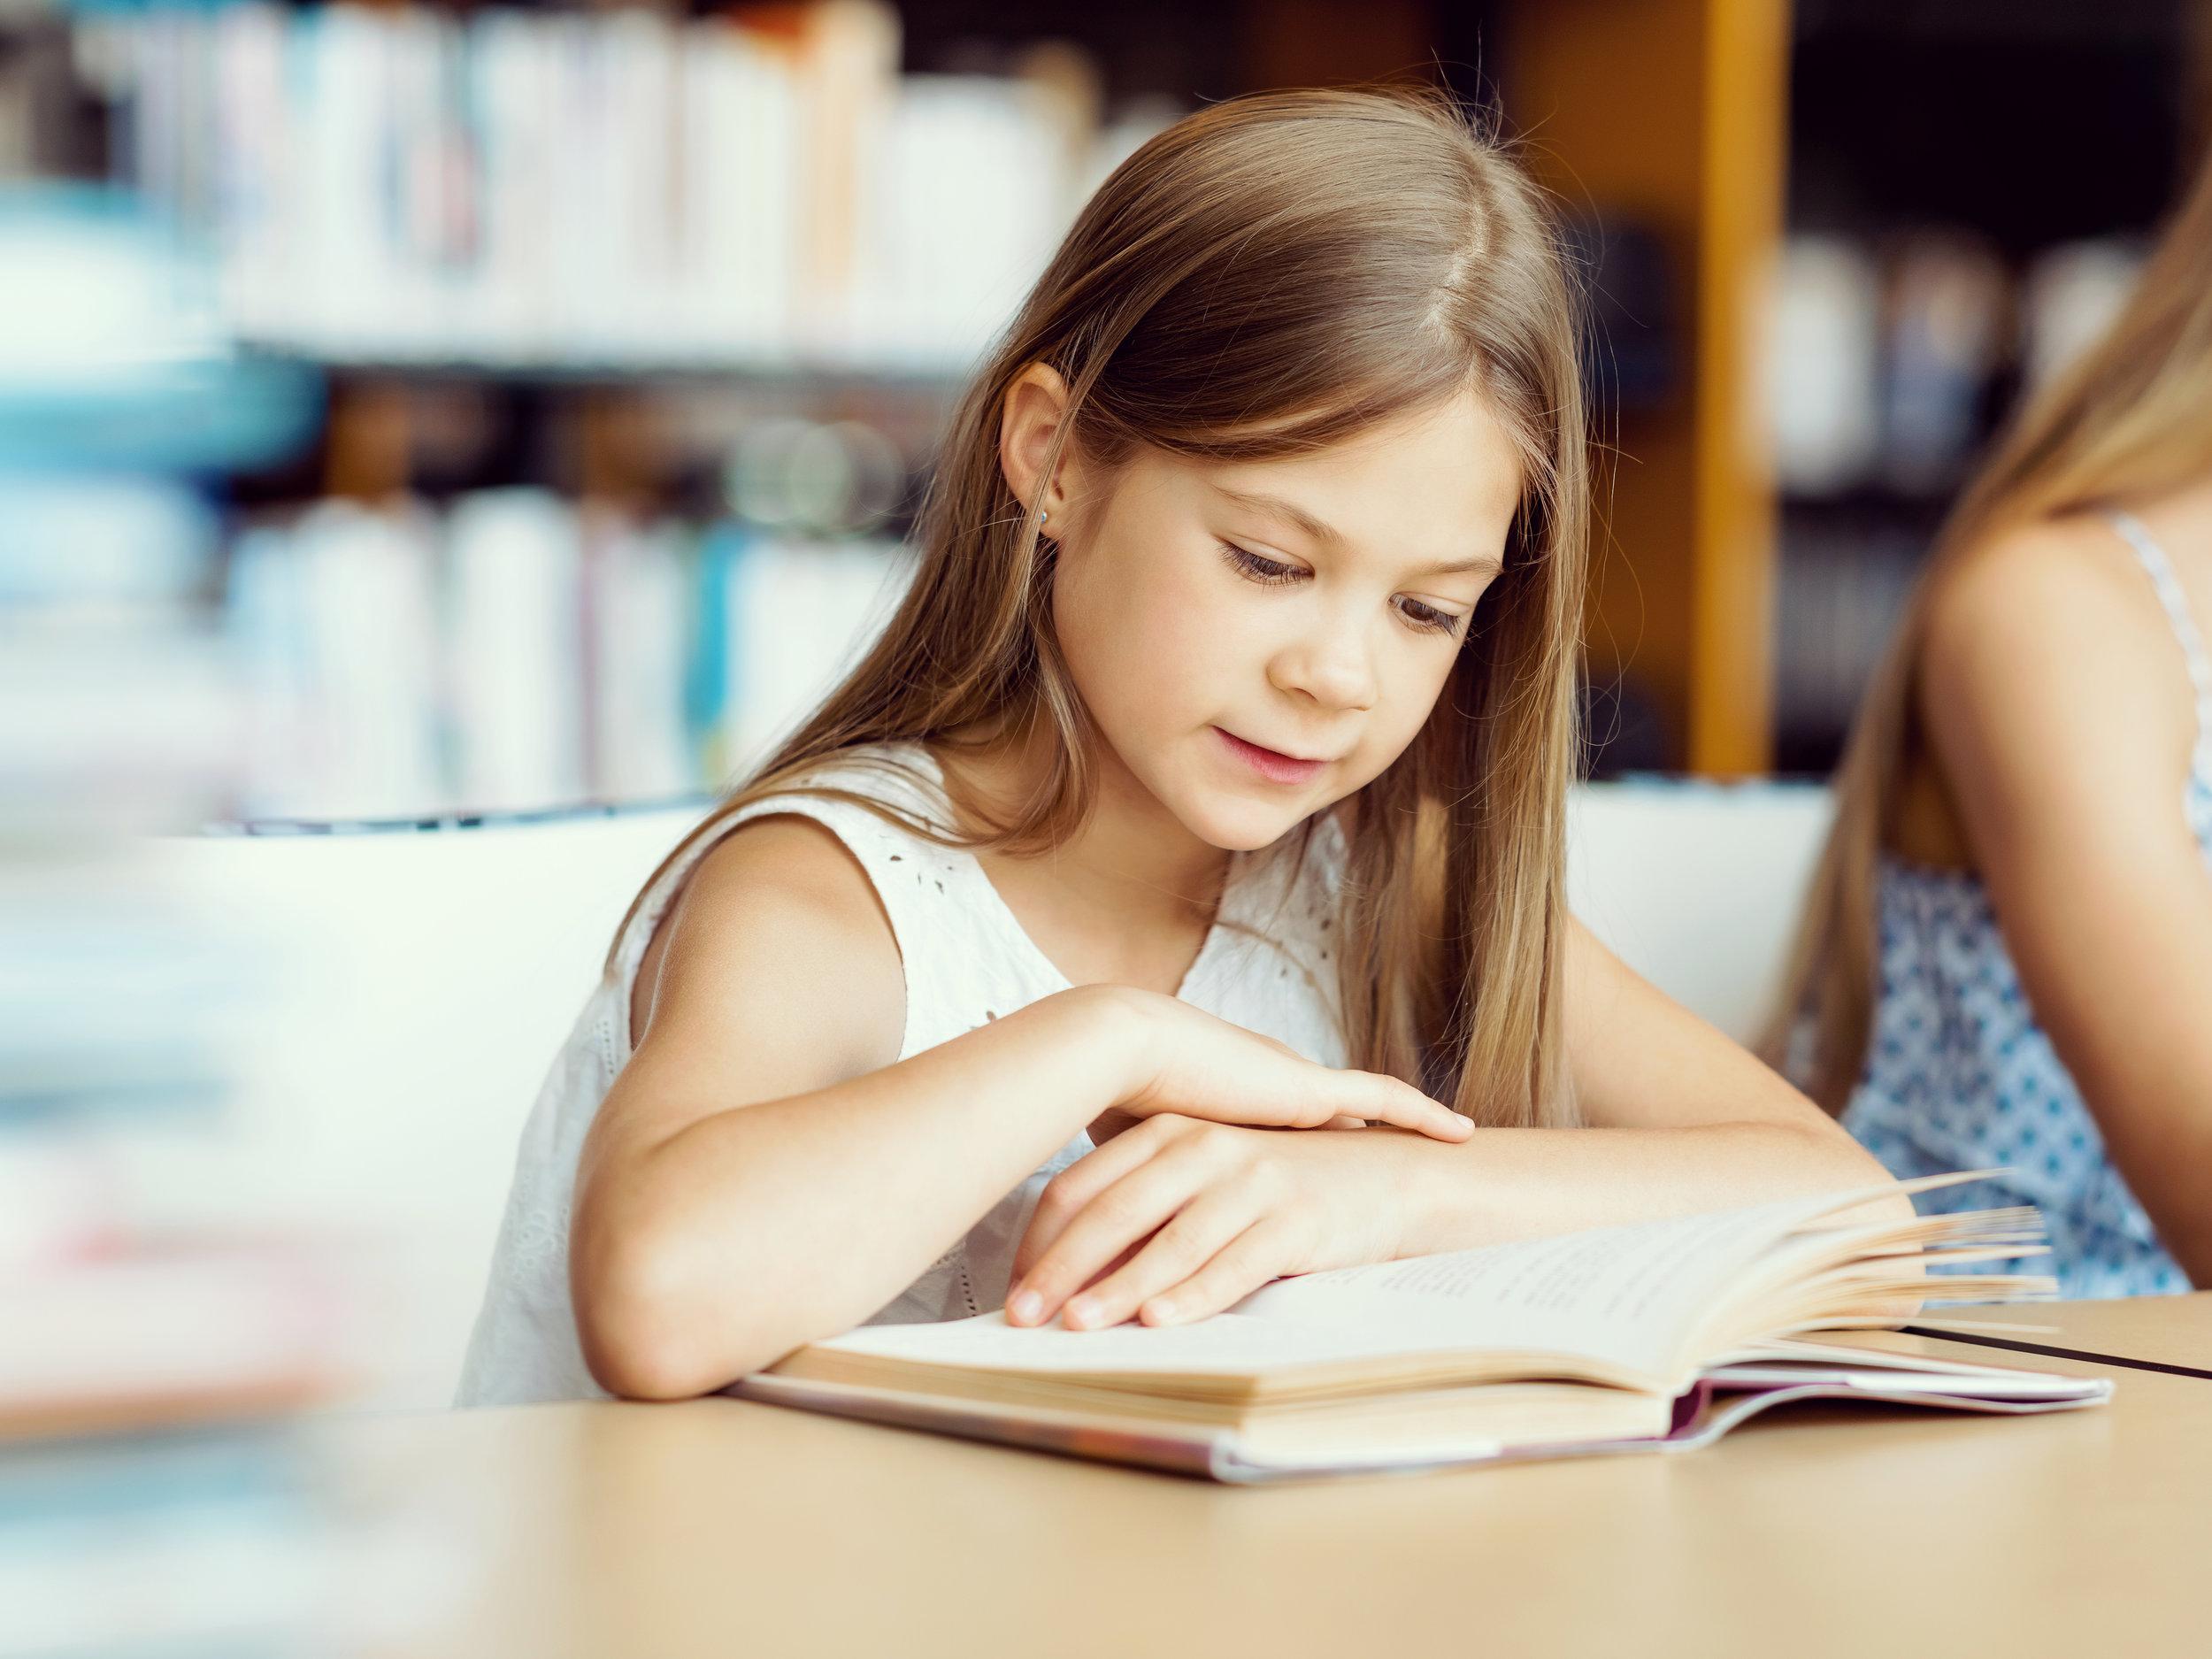 i-love-reading-PRKUK9Z.jpg